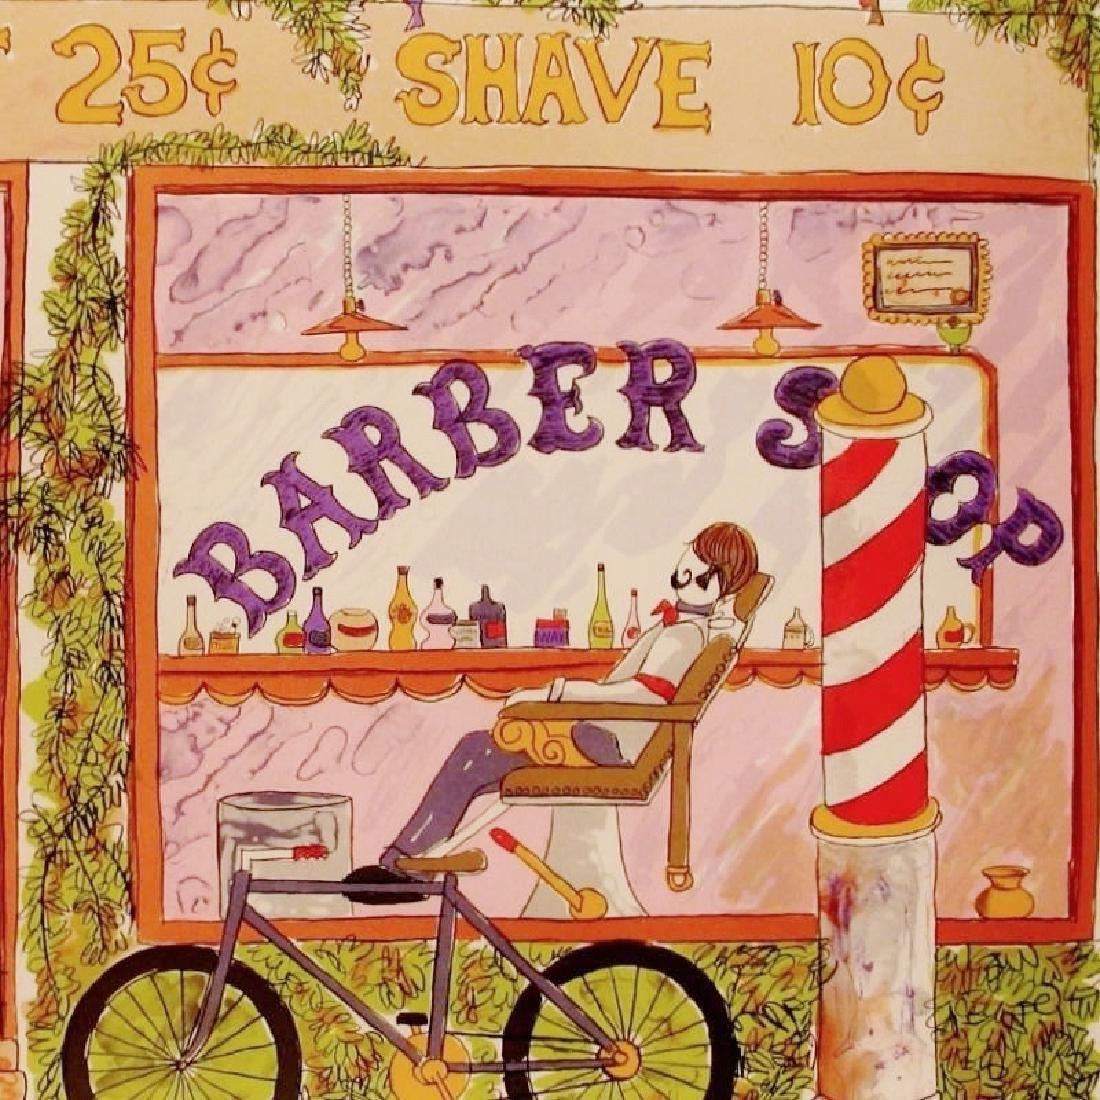 Barber Shop Nostalgia Art Ltd Ed Signed Sale - 3